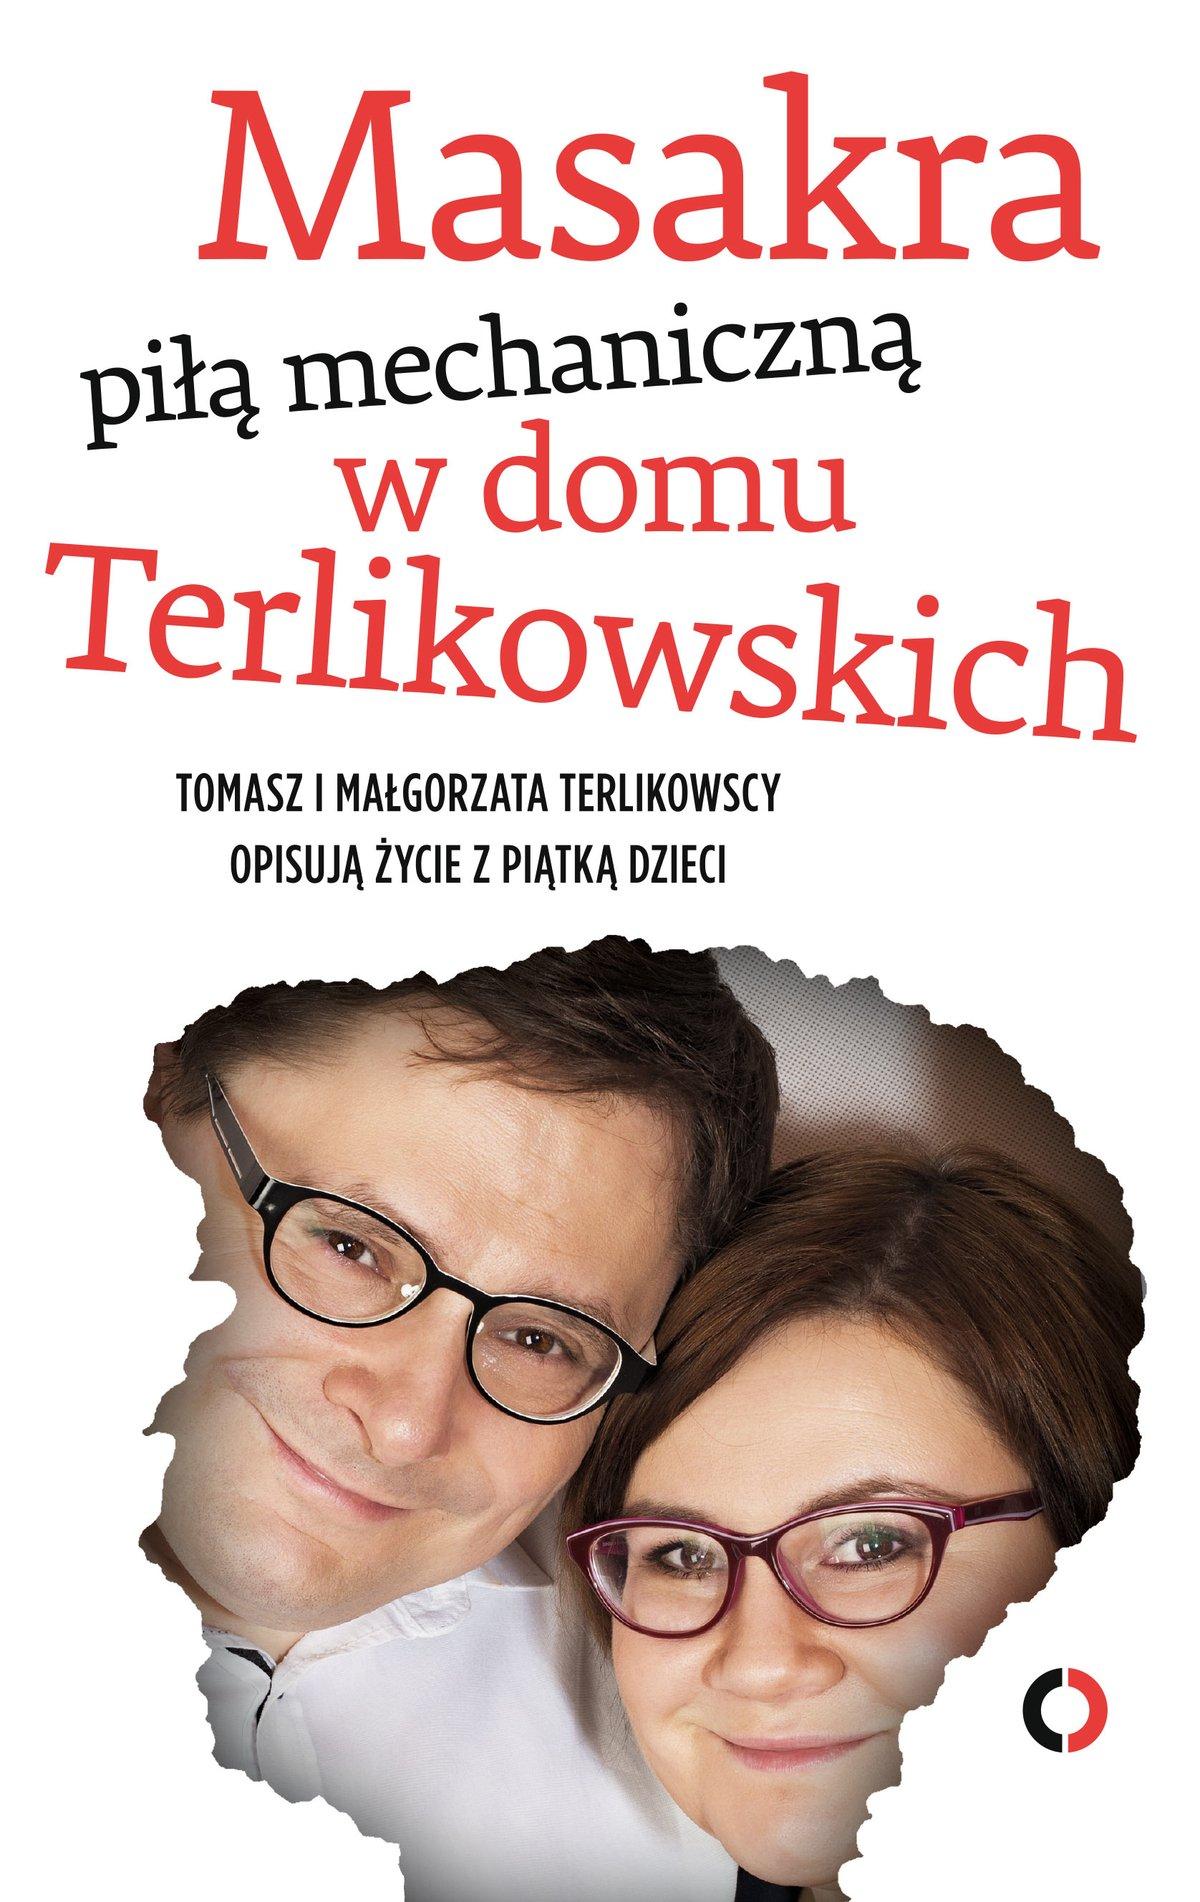 Masakra piłą mechaniczną w domu Terlikowskich - Ebook (Książka na Kindle) do pobrania w formacie MOBI